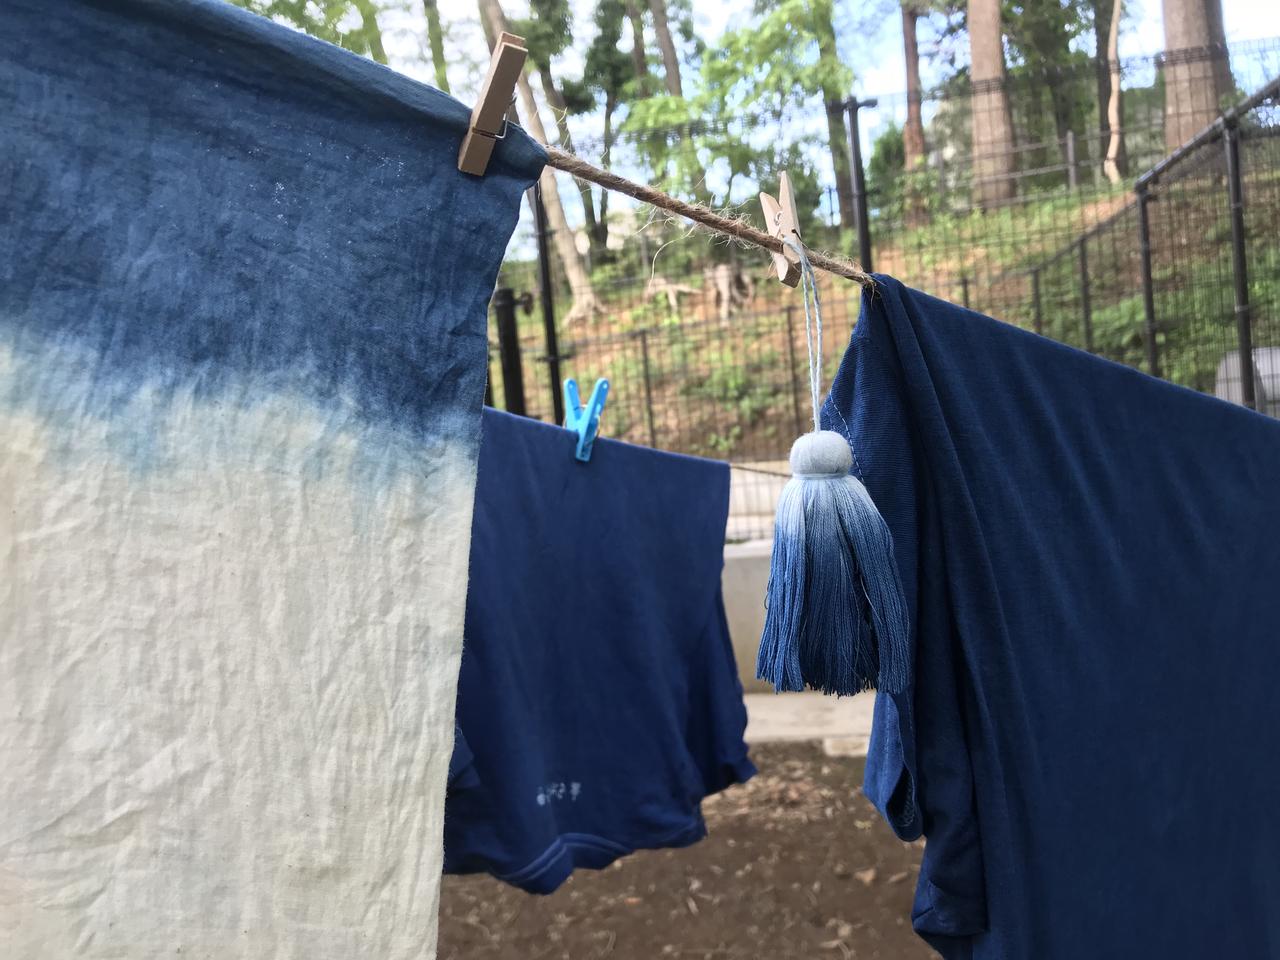 夏休み!子どもも大人も歓迎! 藍染体験教室 善福寺Cocoon Parents Square開催